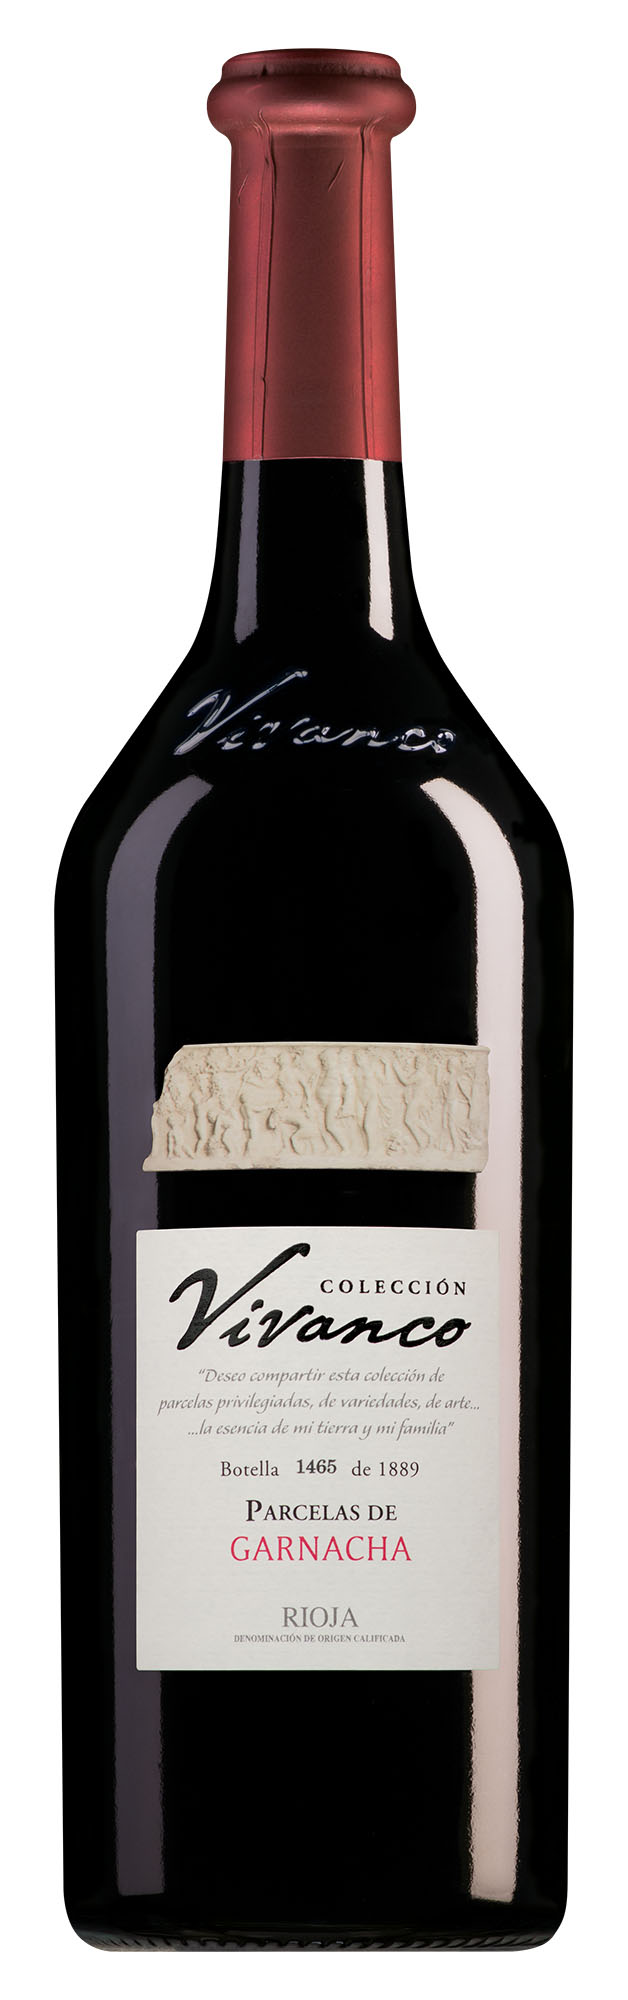 Vivanco Rioja Colección Parcelas de Garnacha